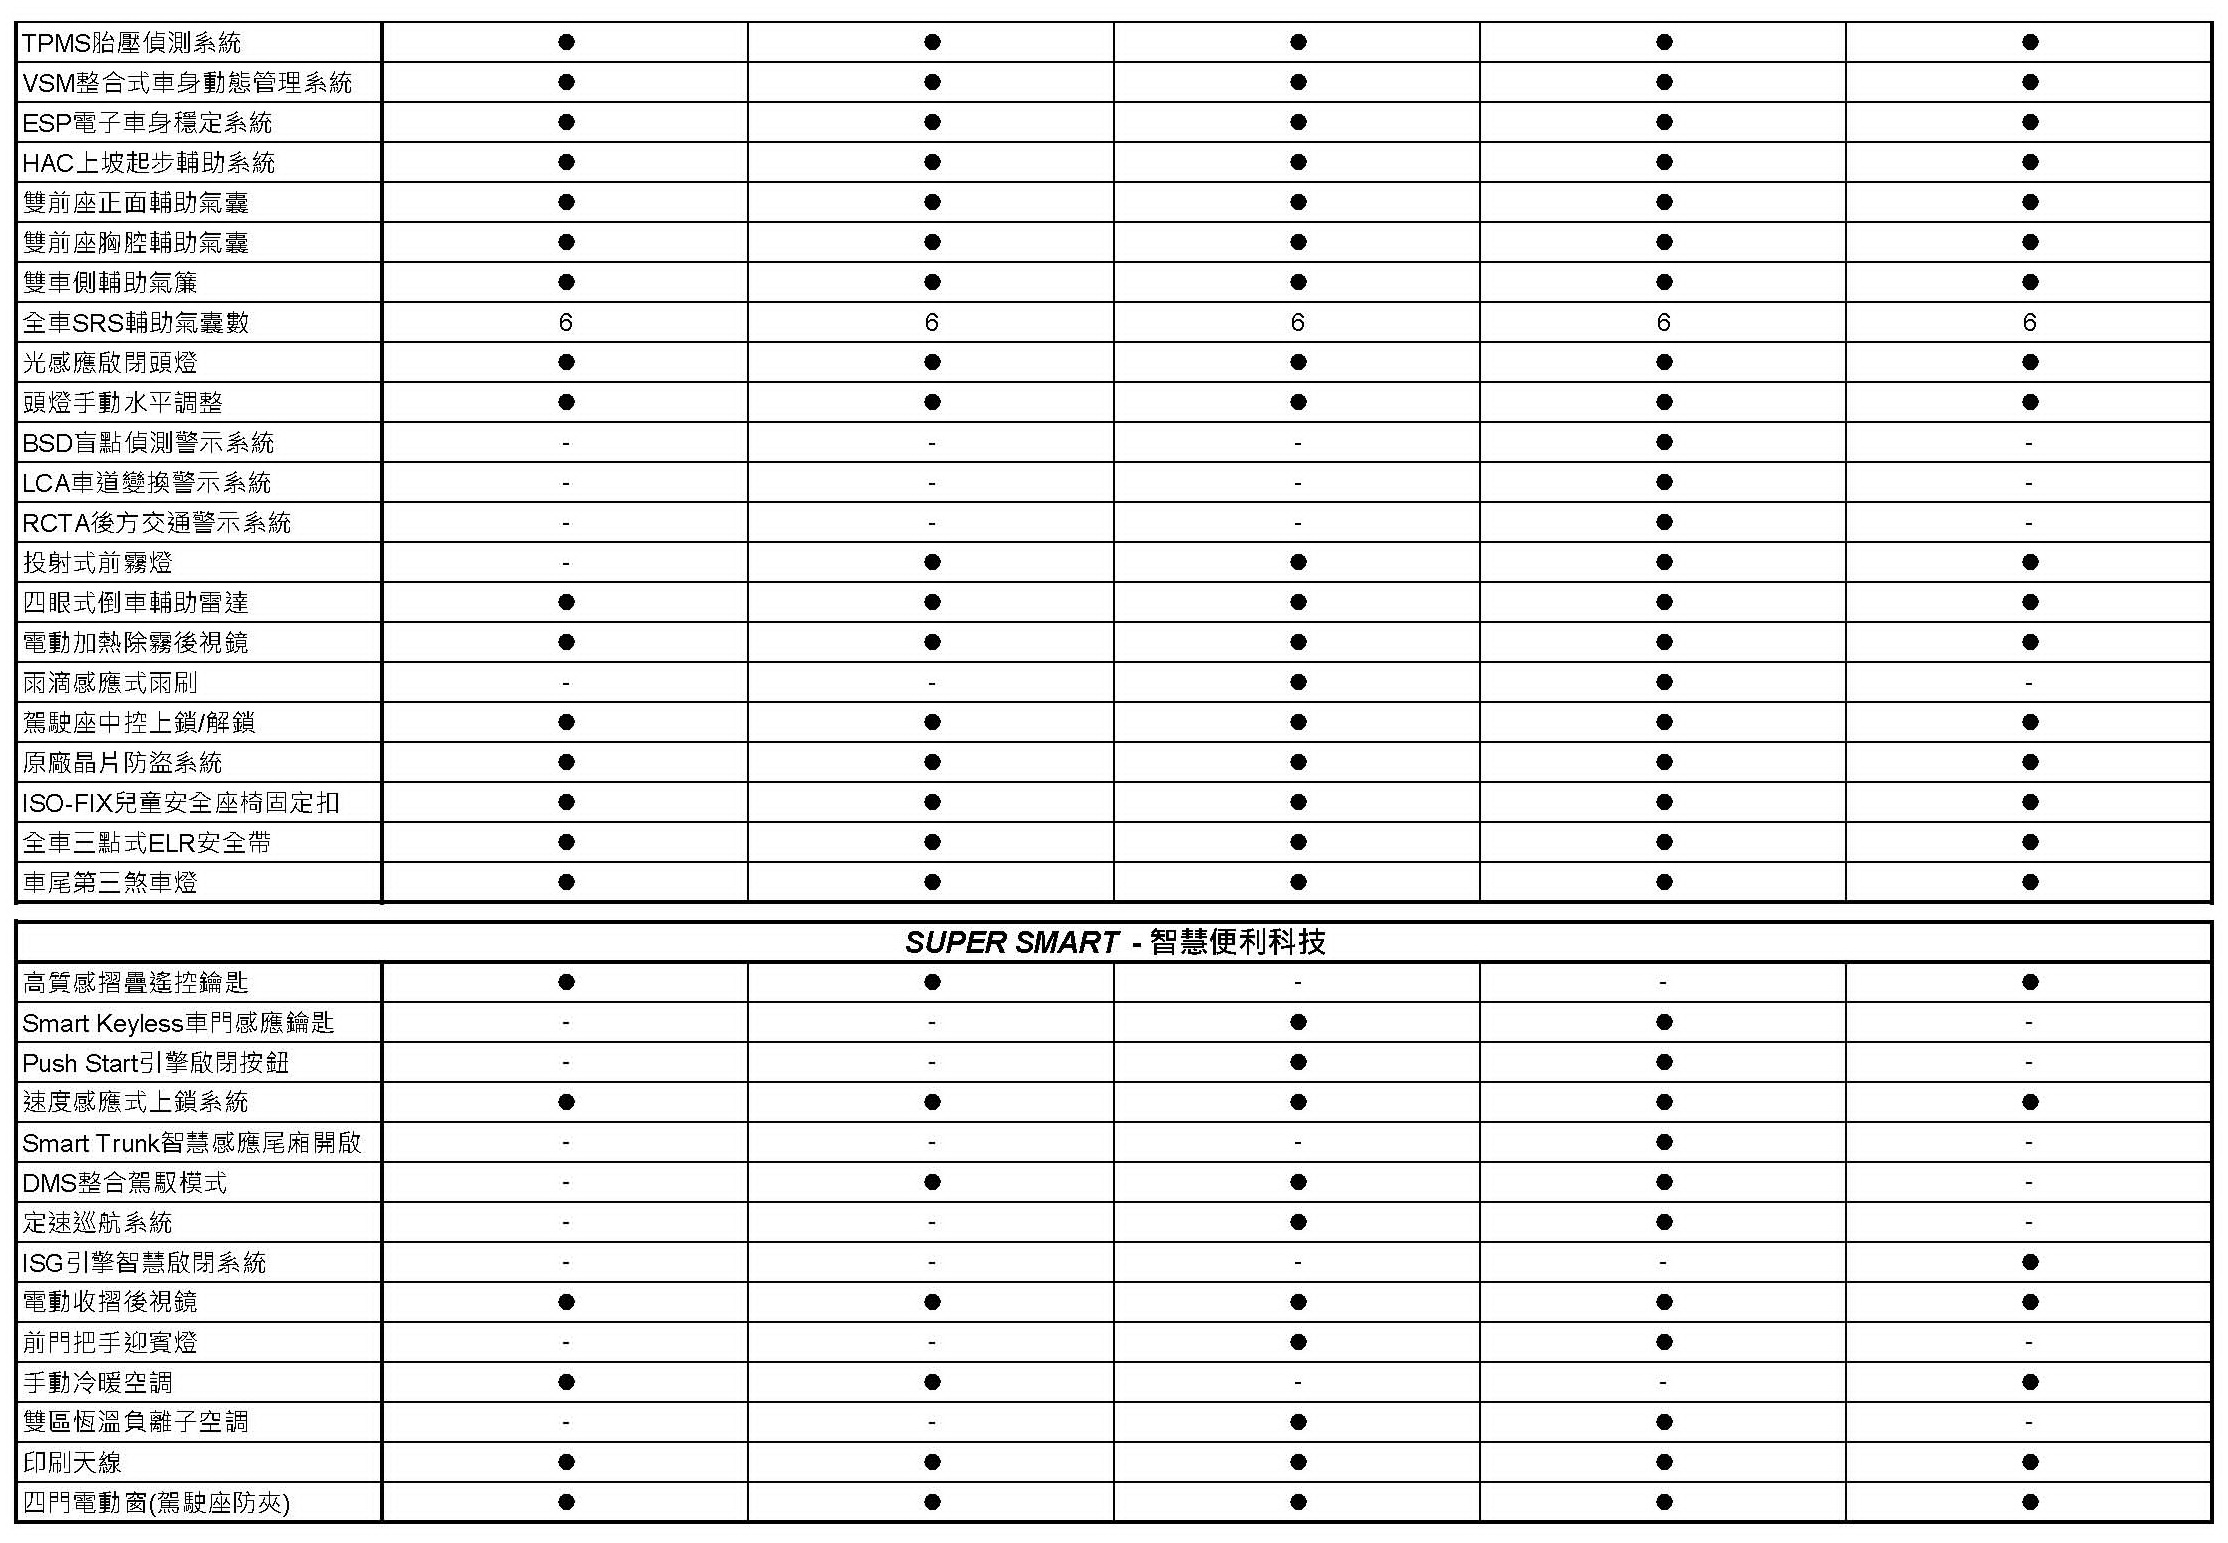 SUPER ELANTRA 規格配備表_20170306_頁面_2